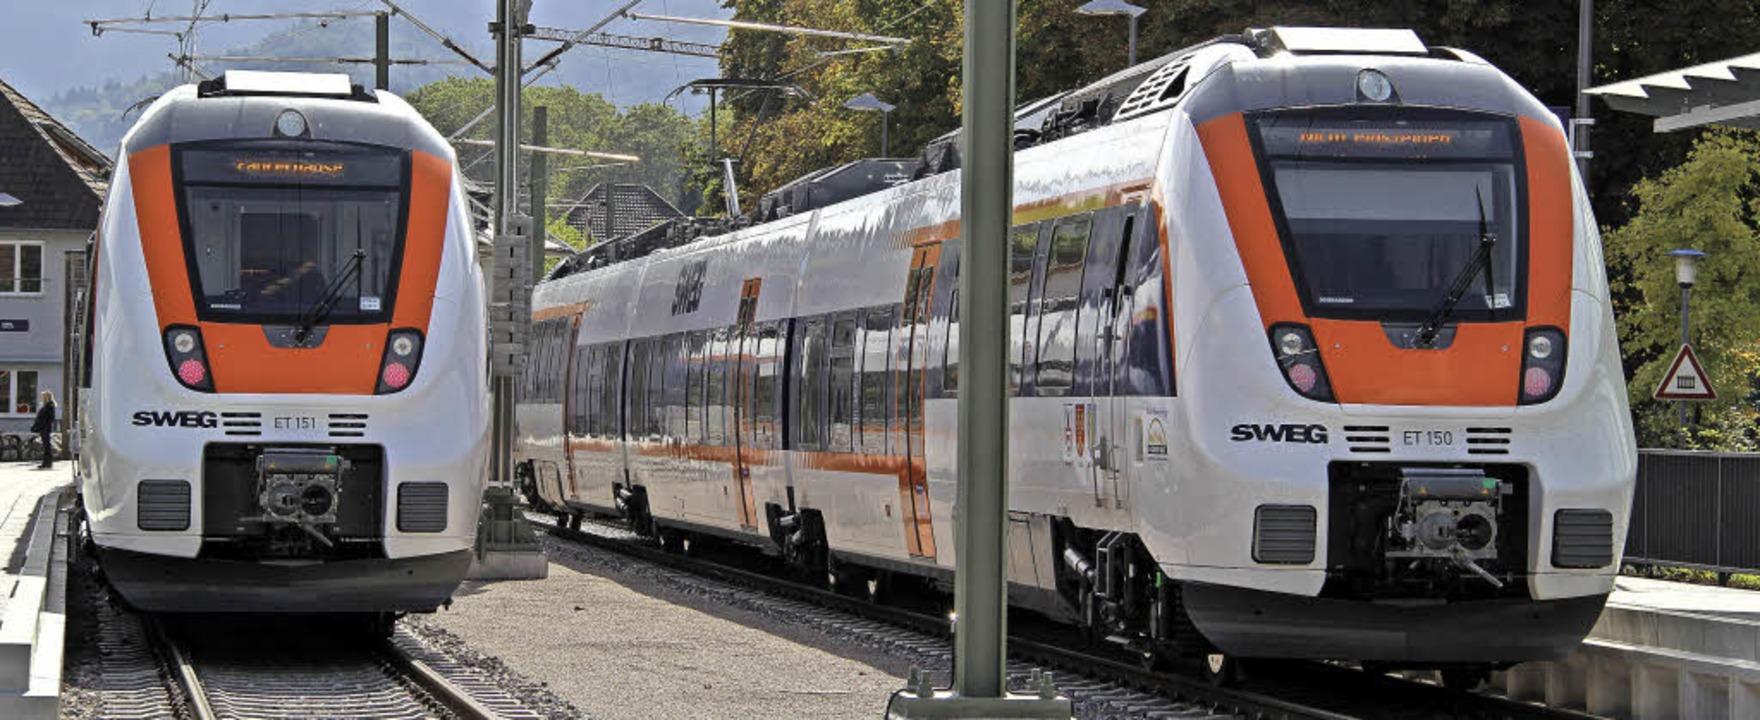 Wie sollen die Münstertalbahn abgestel...e Frage sorgt weiter für Diskussionen.  | Foto: A. Huber